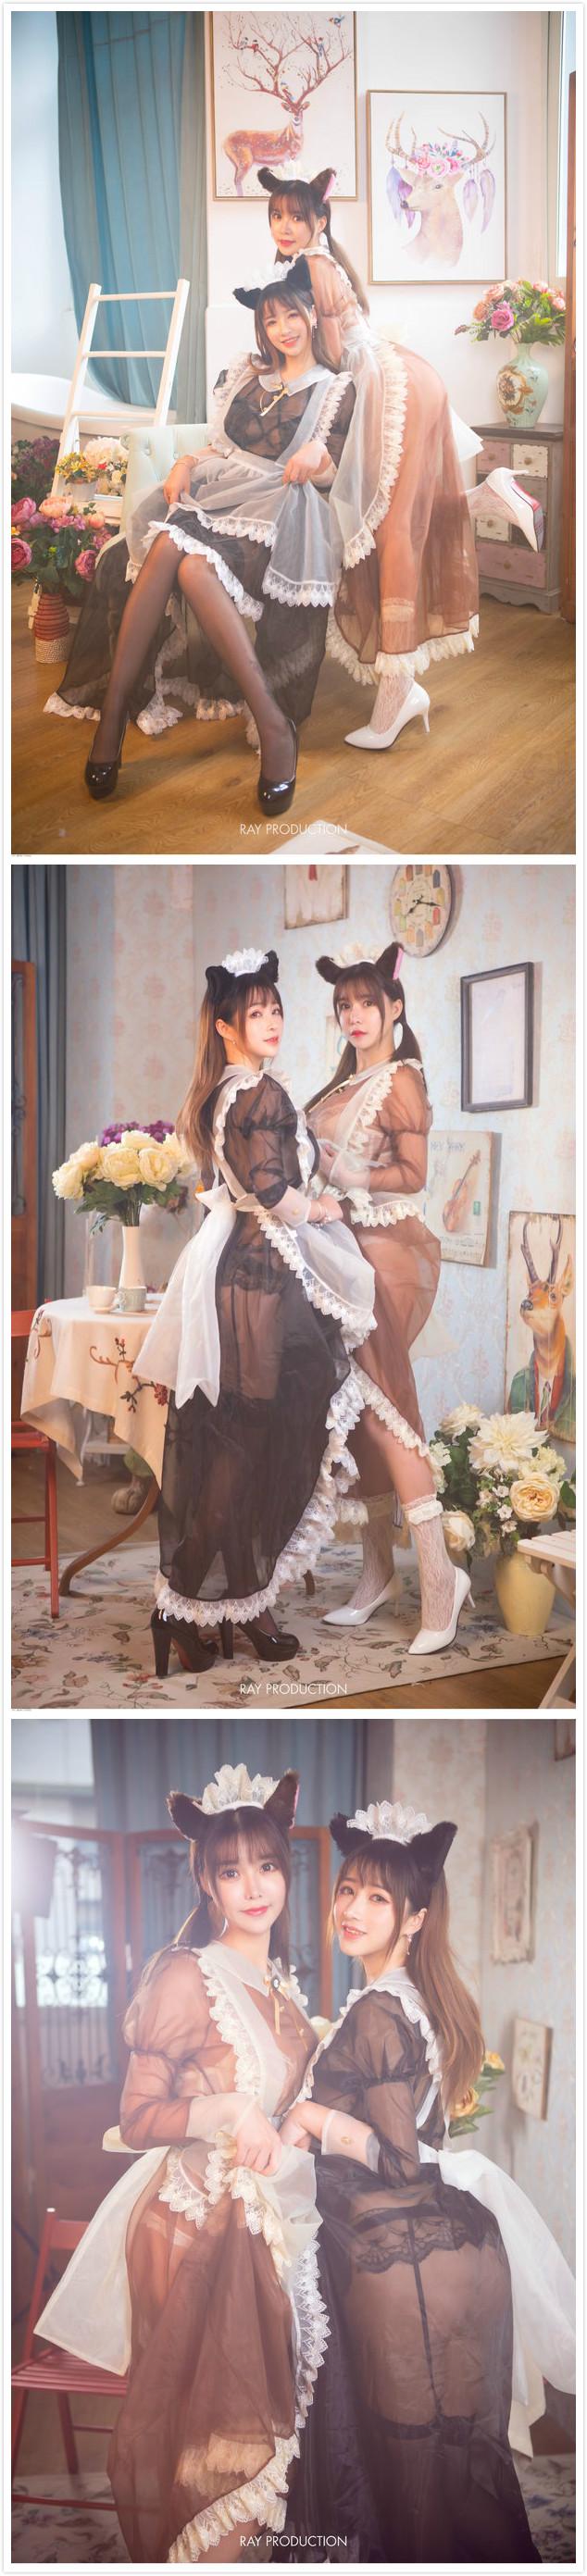 性感双人女仆 涨姿势 第3张